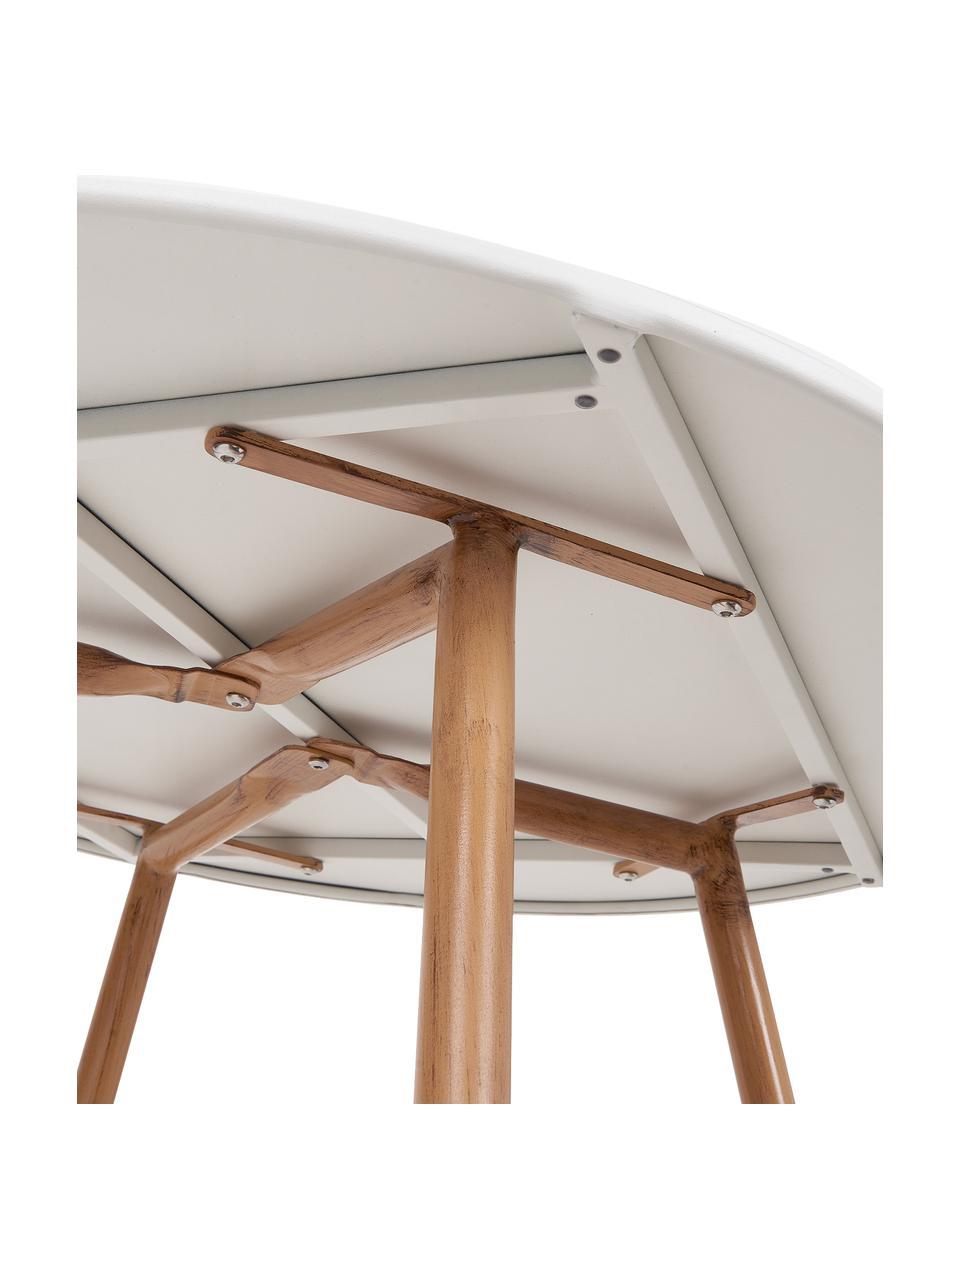 Gartentisch Linea, Tischplatte: Metall, beschichtet, Beine: Metall, beschichtet, Weiß, Hellbraun, Ø 90 cm x H 77 cm